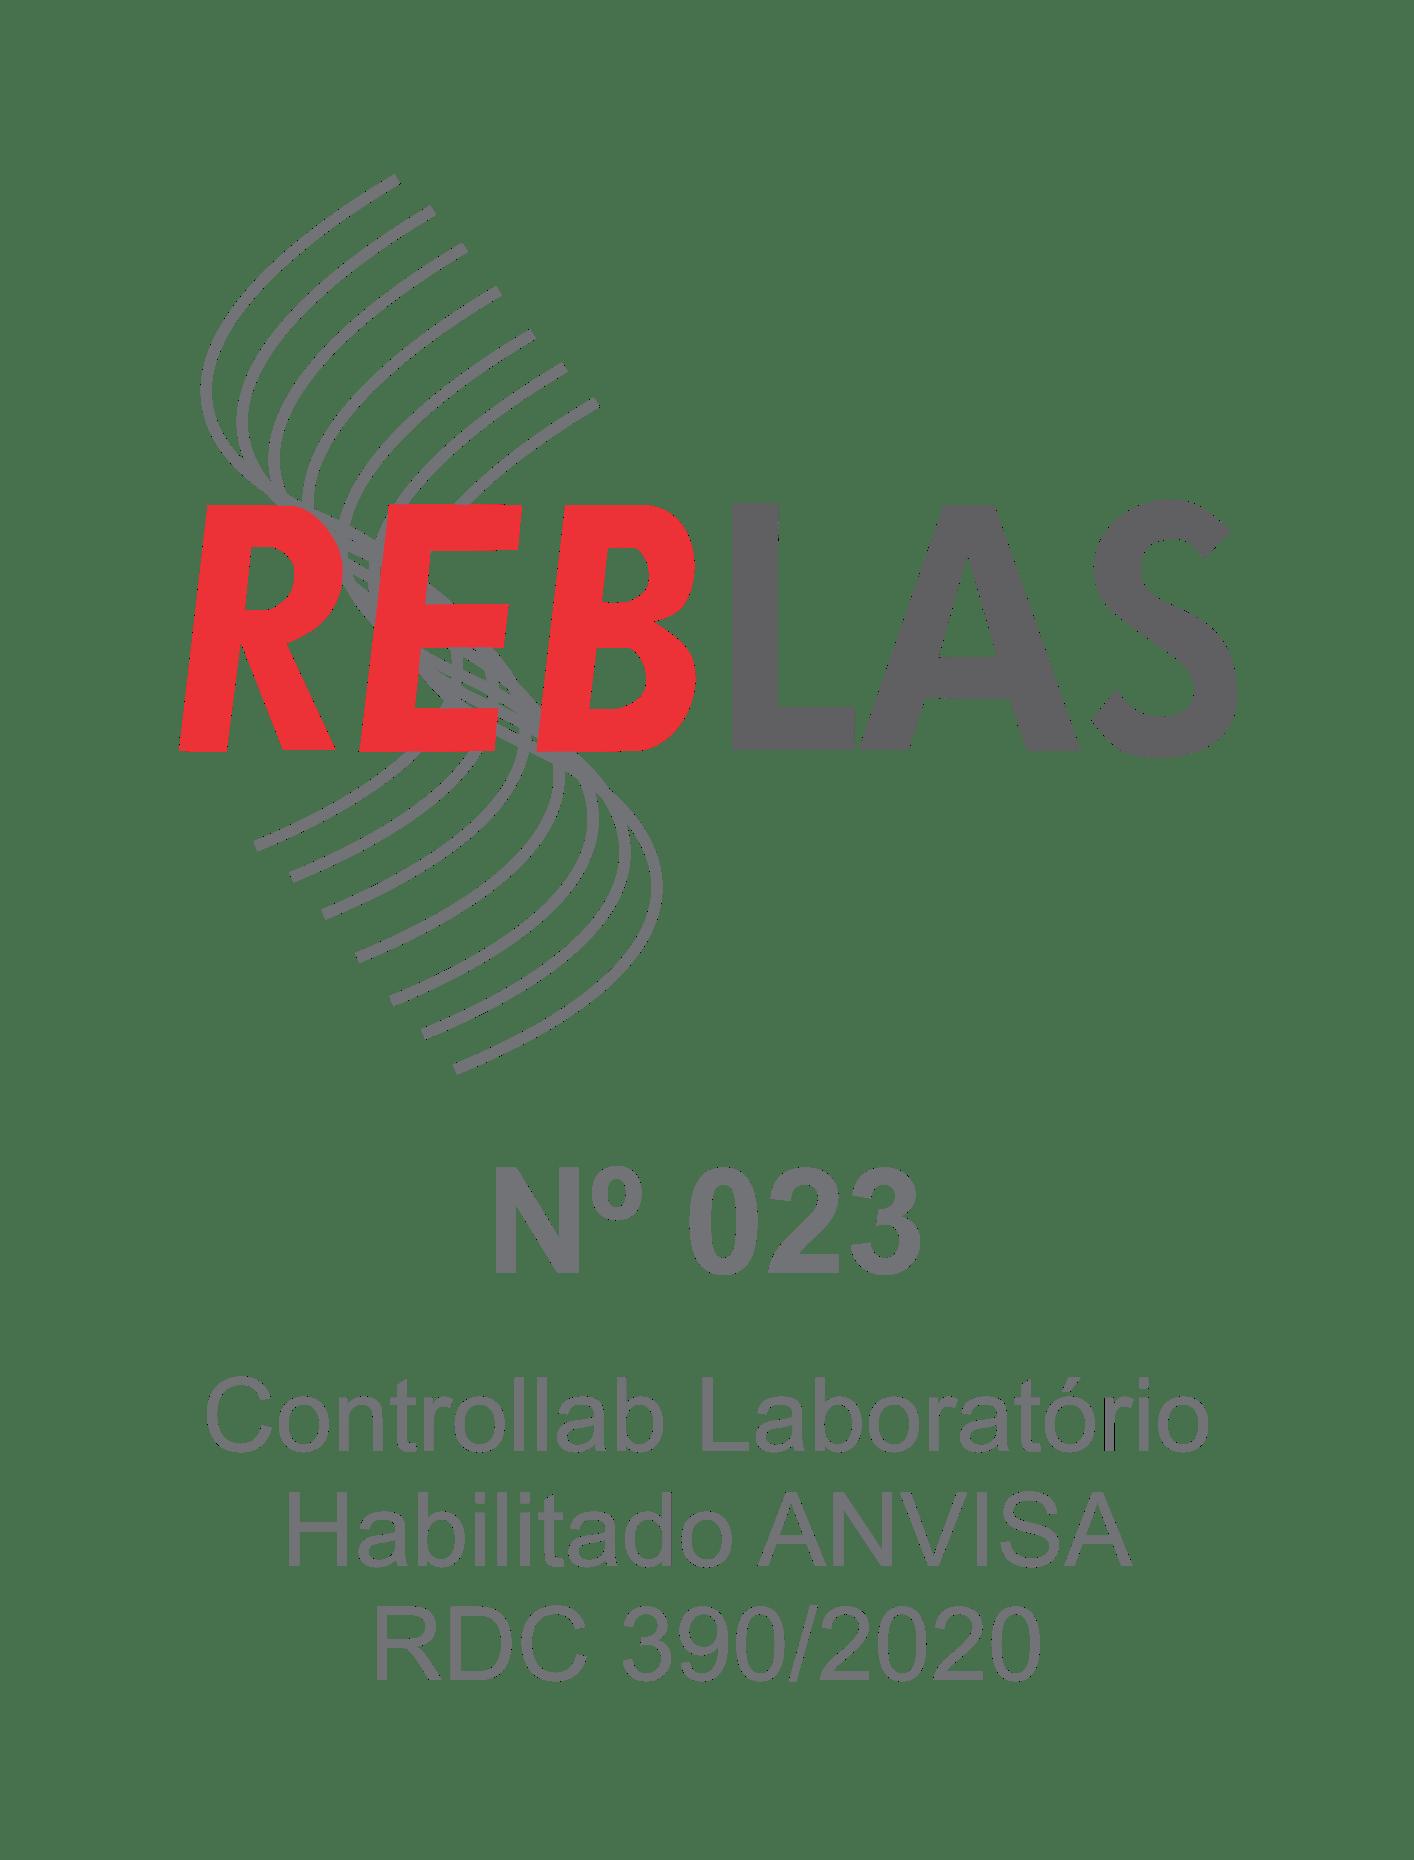 Logo REBLAS